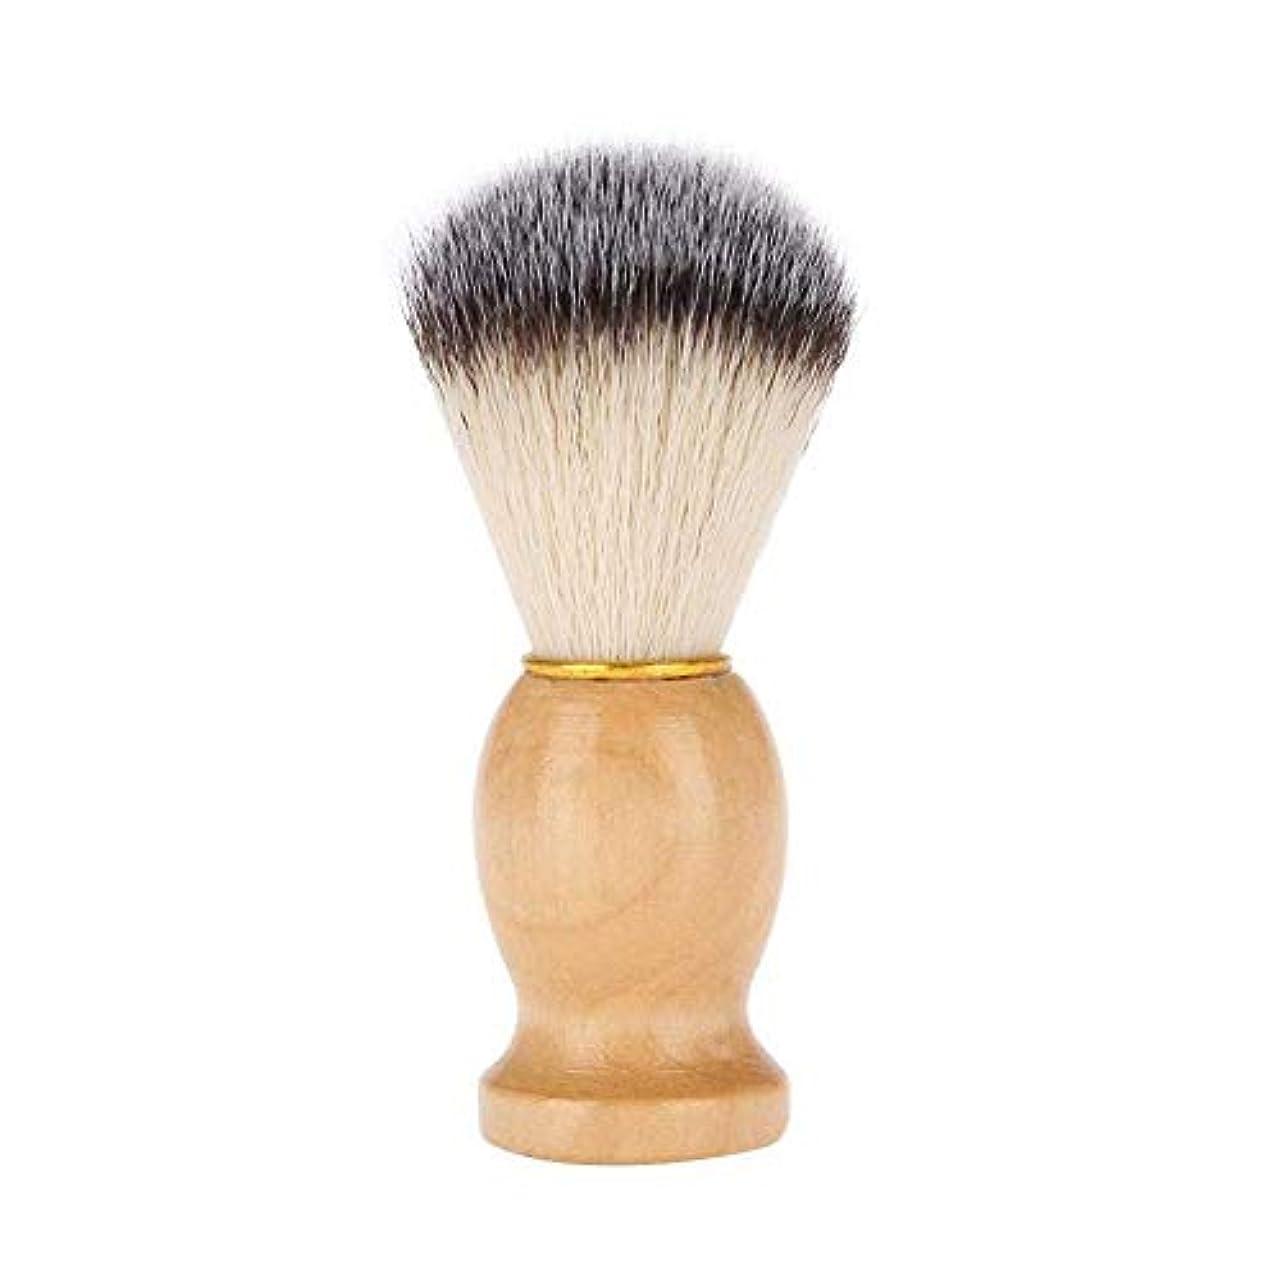 闘争引き渡すスナック毛髭ブラシと木製コ バガーヘア げブラシメンズシェービングブラシ シェービングブラシ